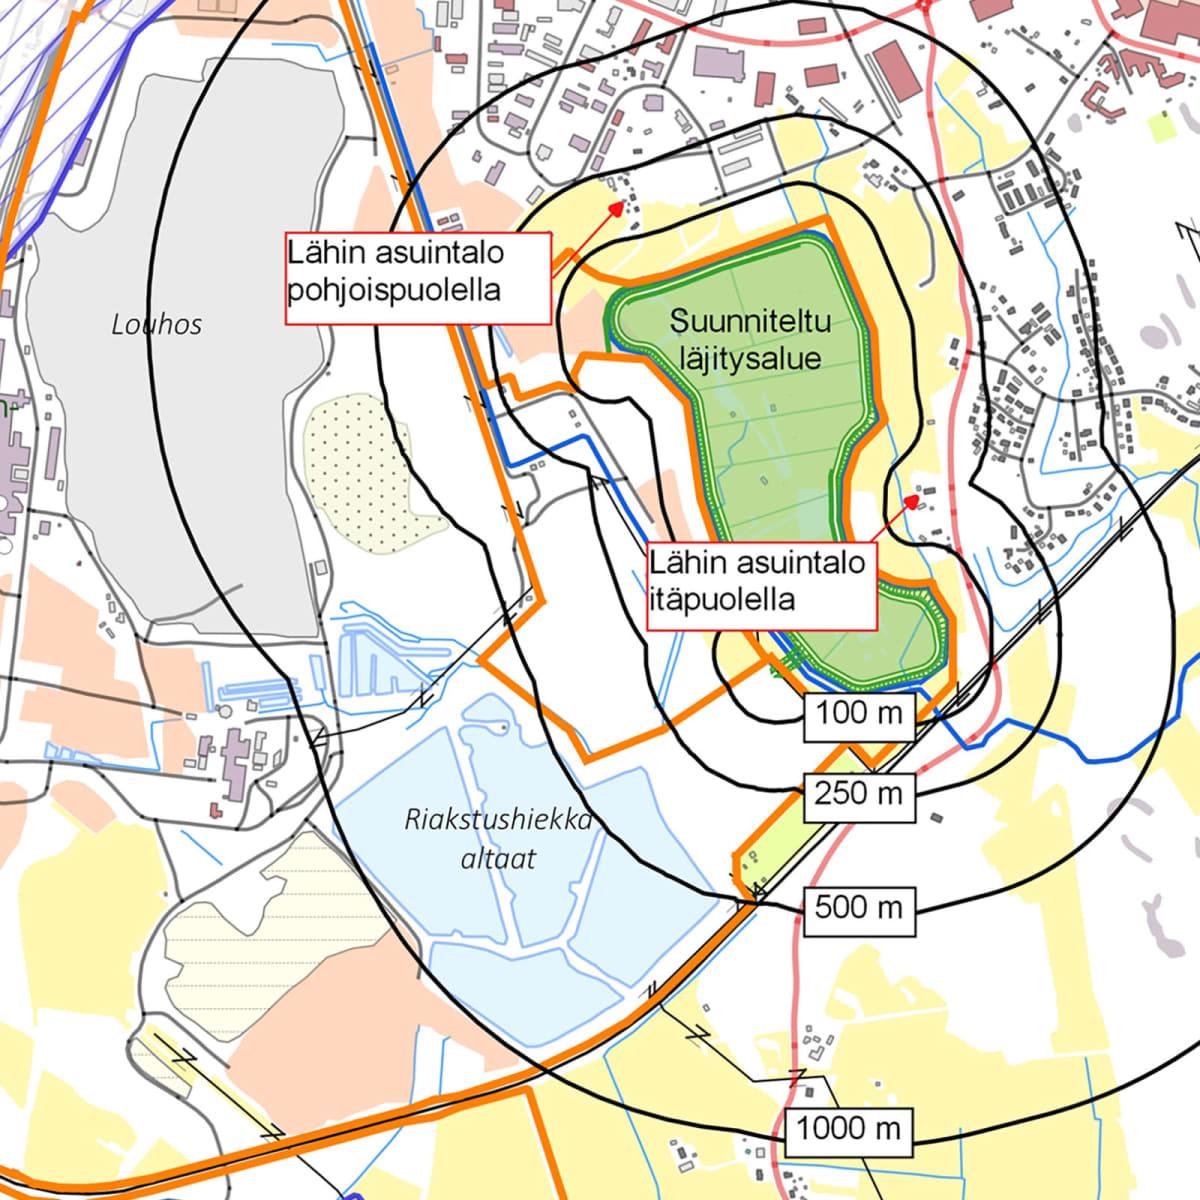 Ihalaisen kaivoksen koillisläjitysalueen kartta